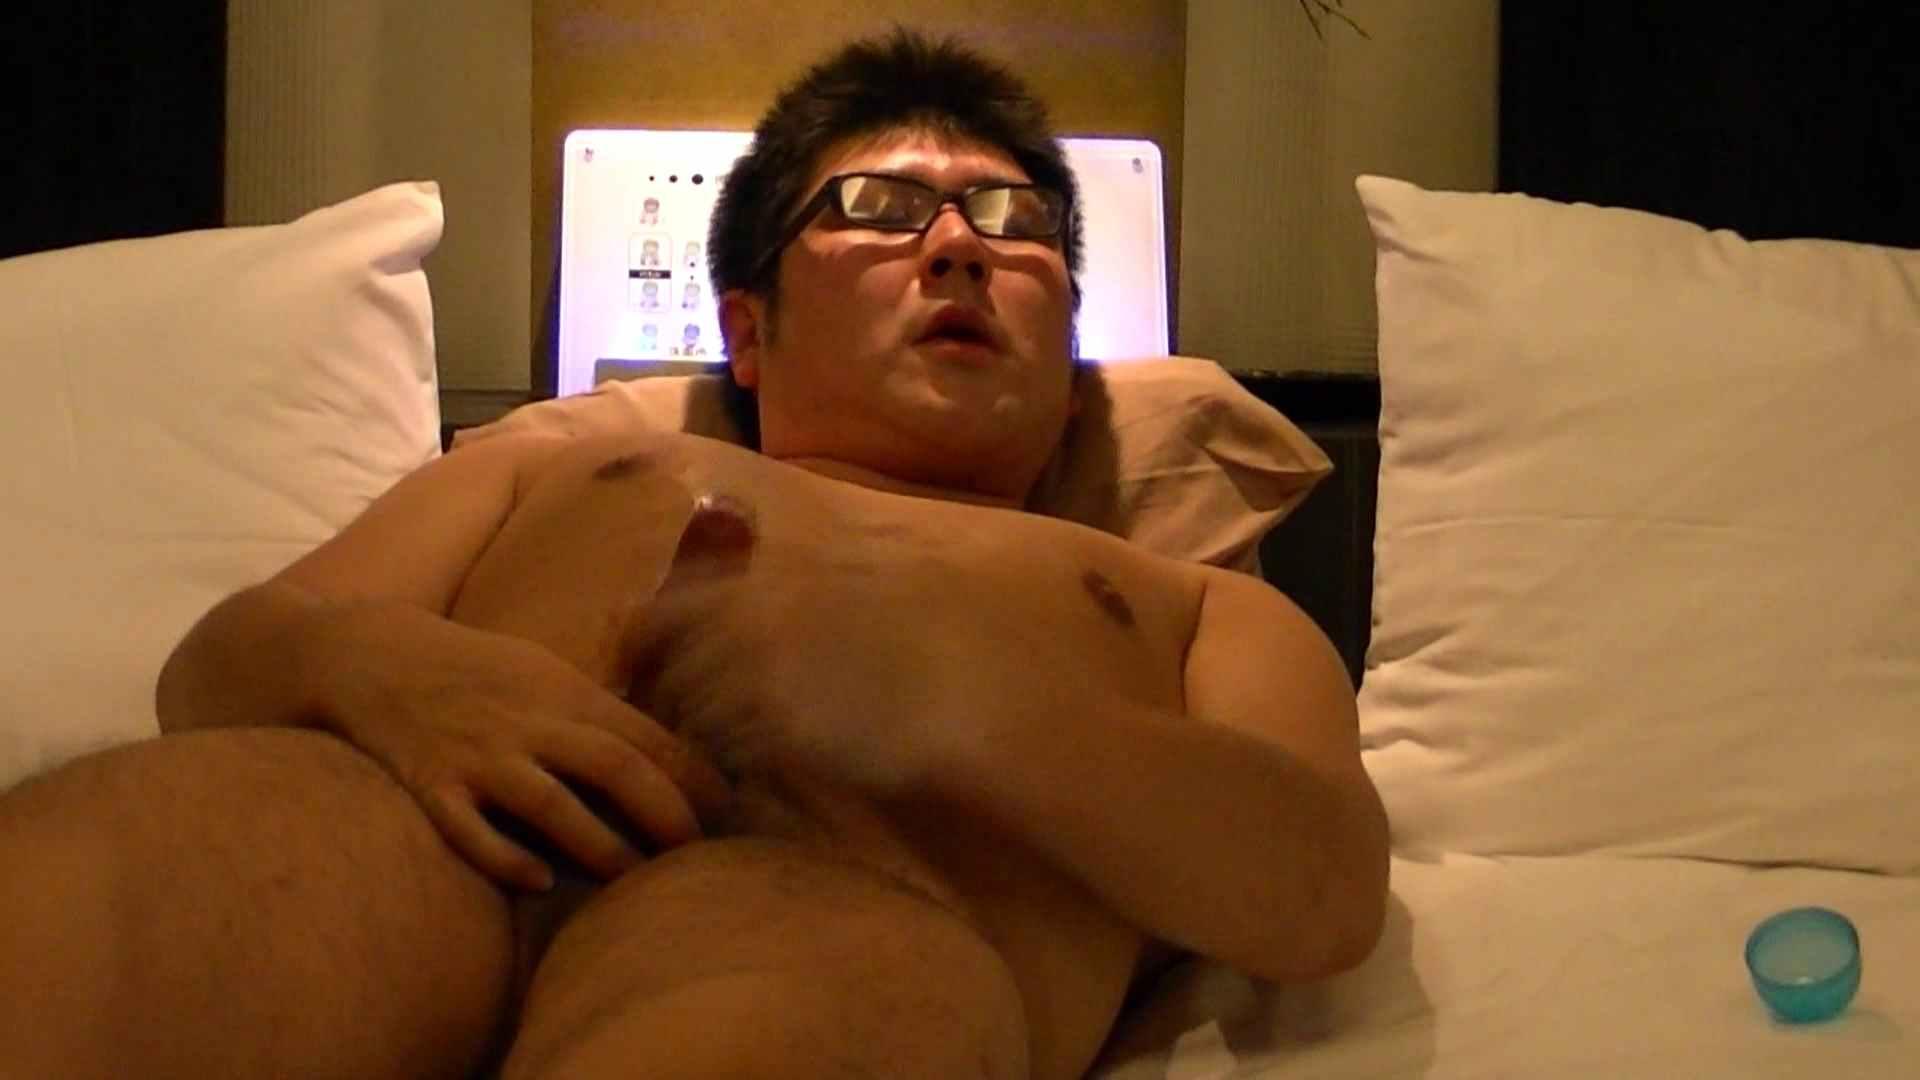 Mr.オナックスさん投稿!HD 貴方のオナニー三万円で撮影させてください。VOL.03 後編 エッチシーン ゲイフリーエロ画像 106枚 83